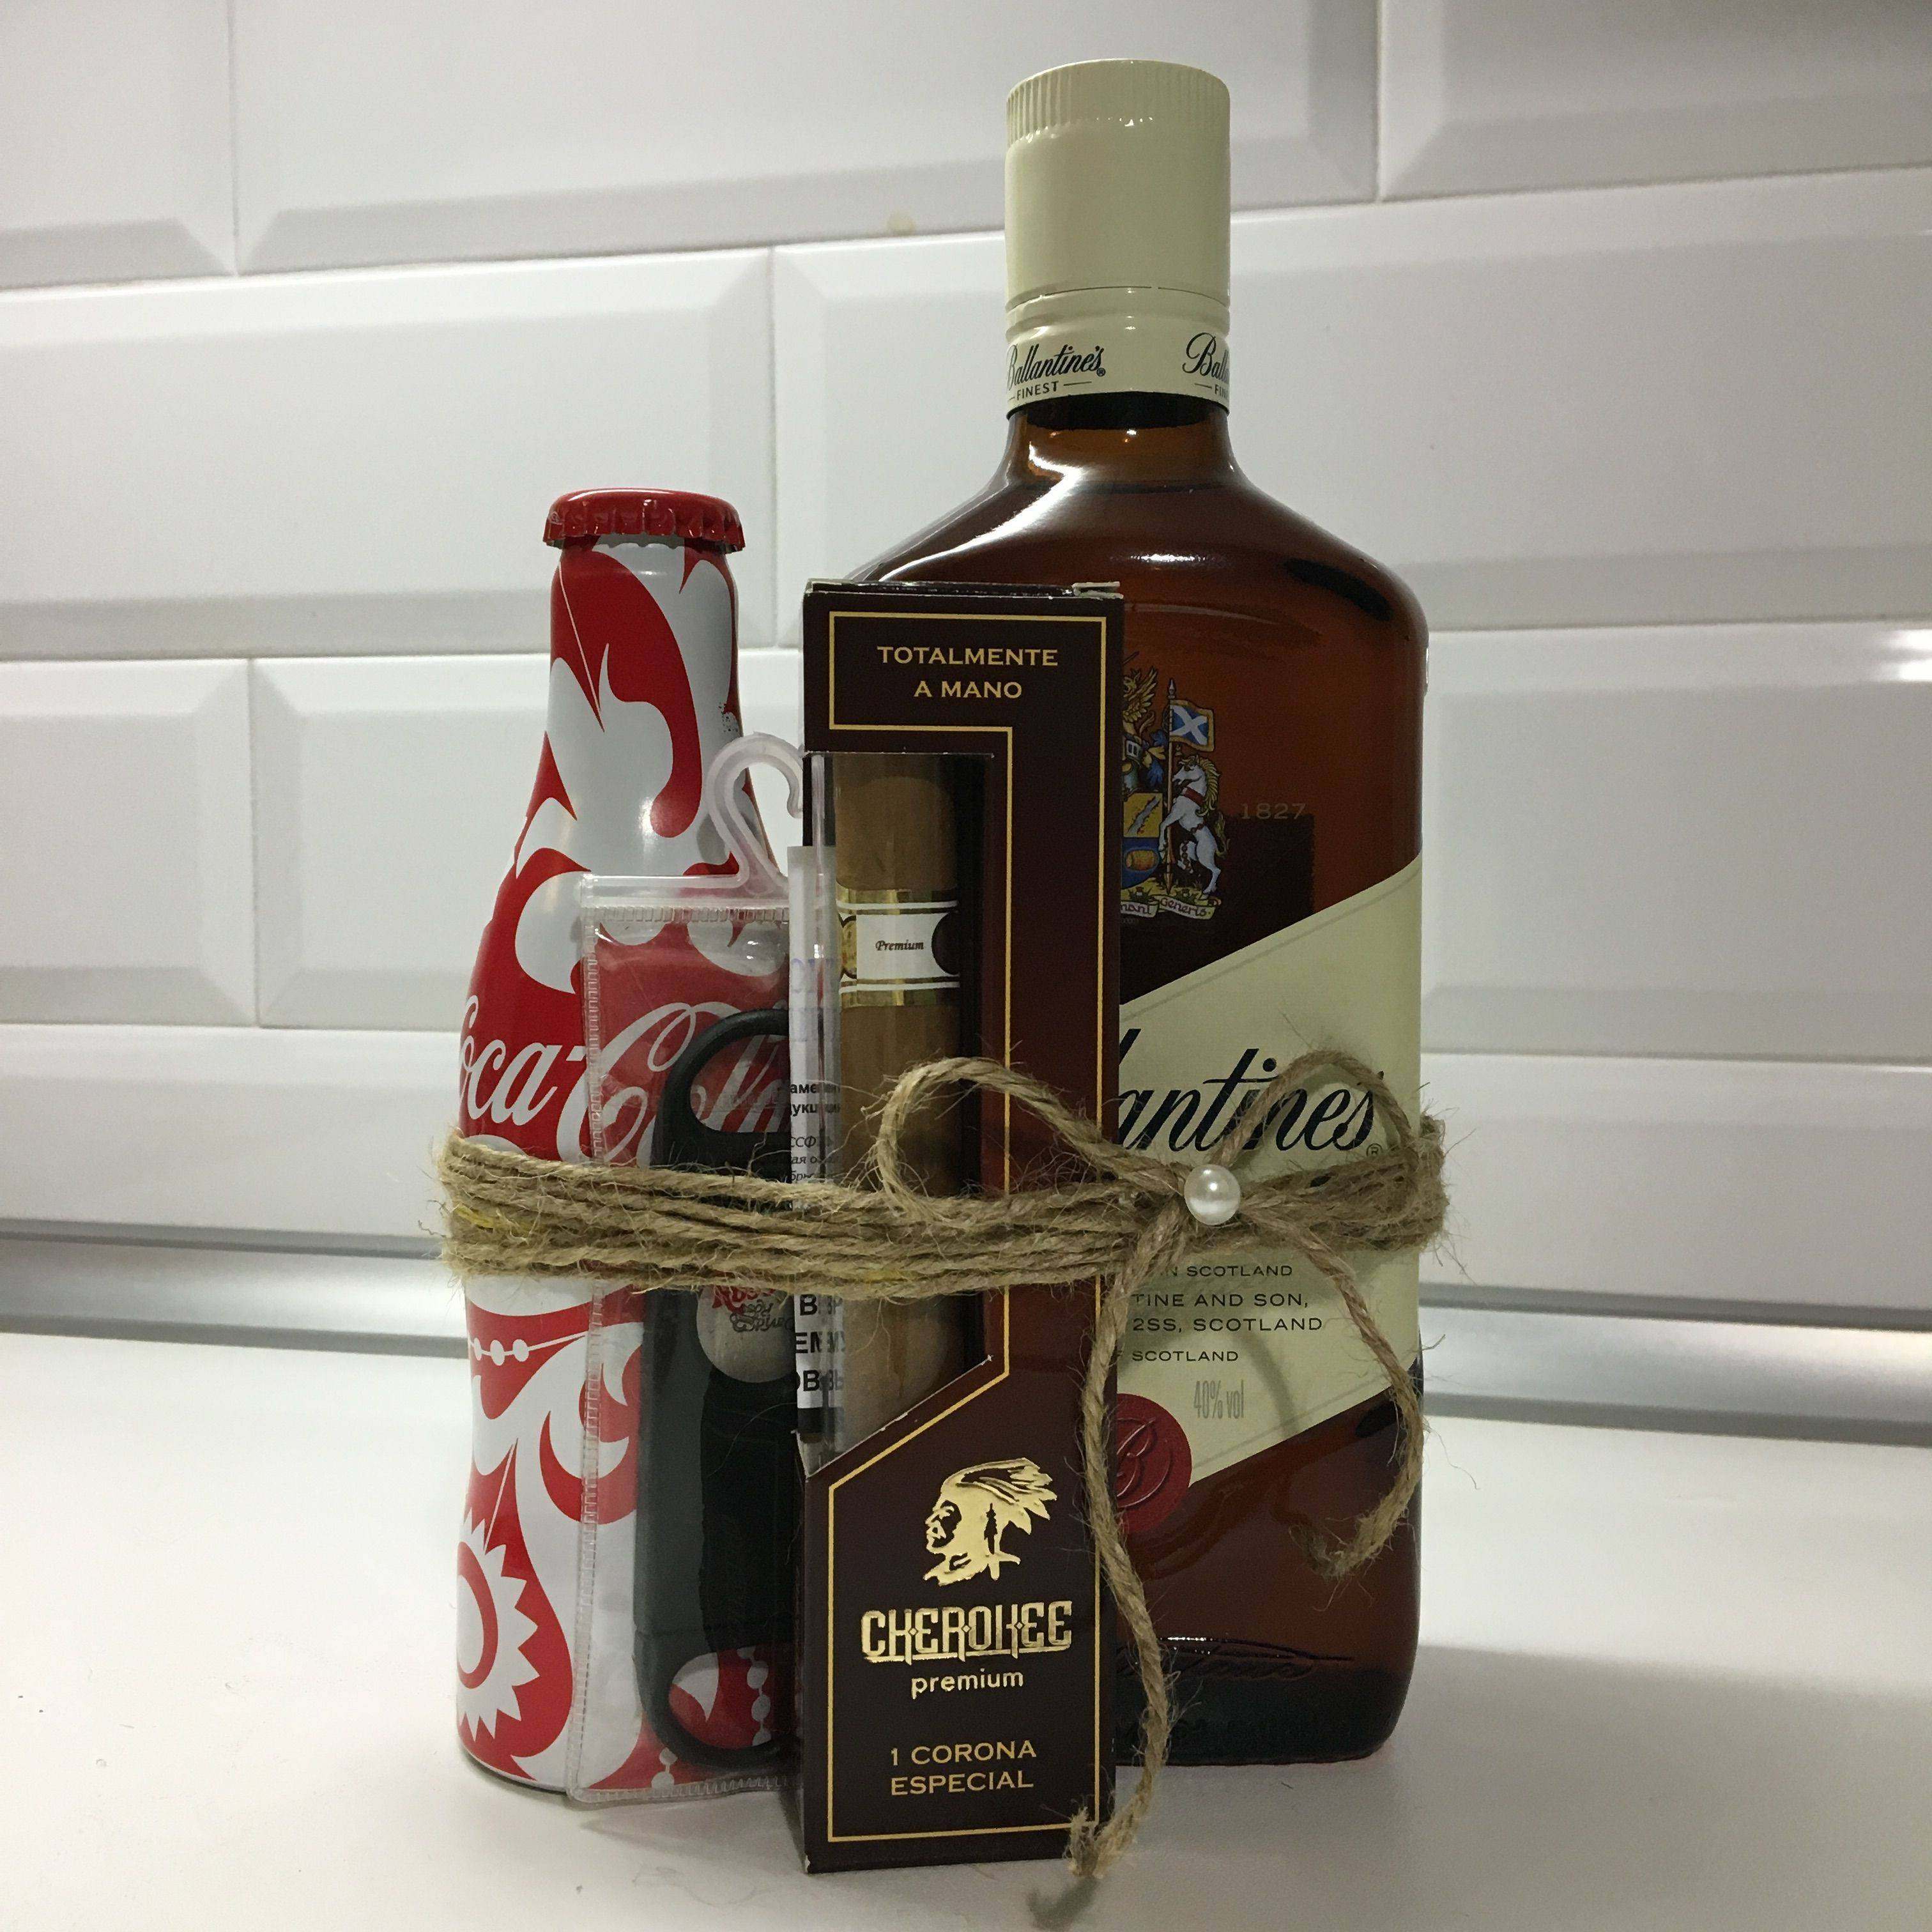 Как выбрать виски в подарок мужчине: алкоголь и аксессуары в подарочной упаковке